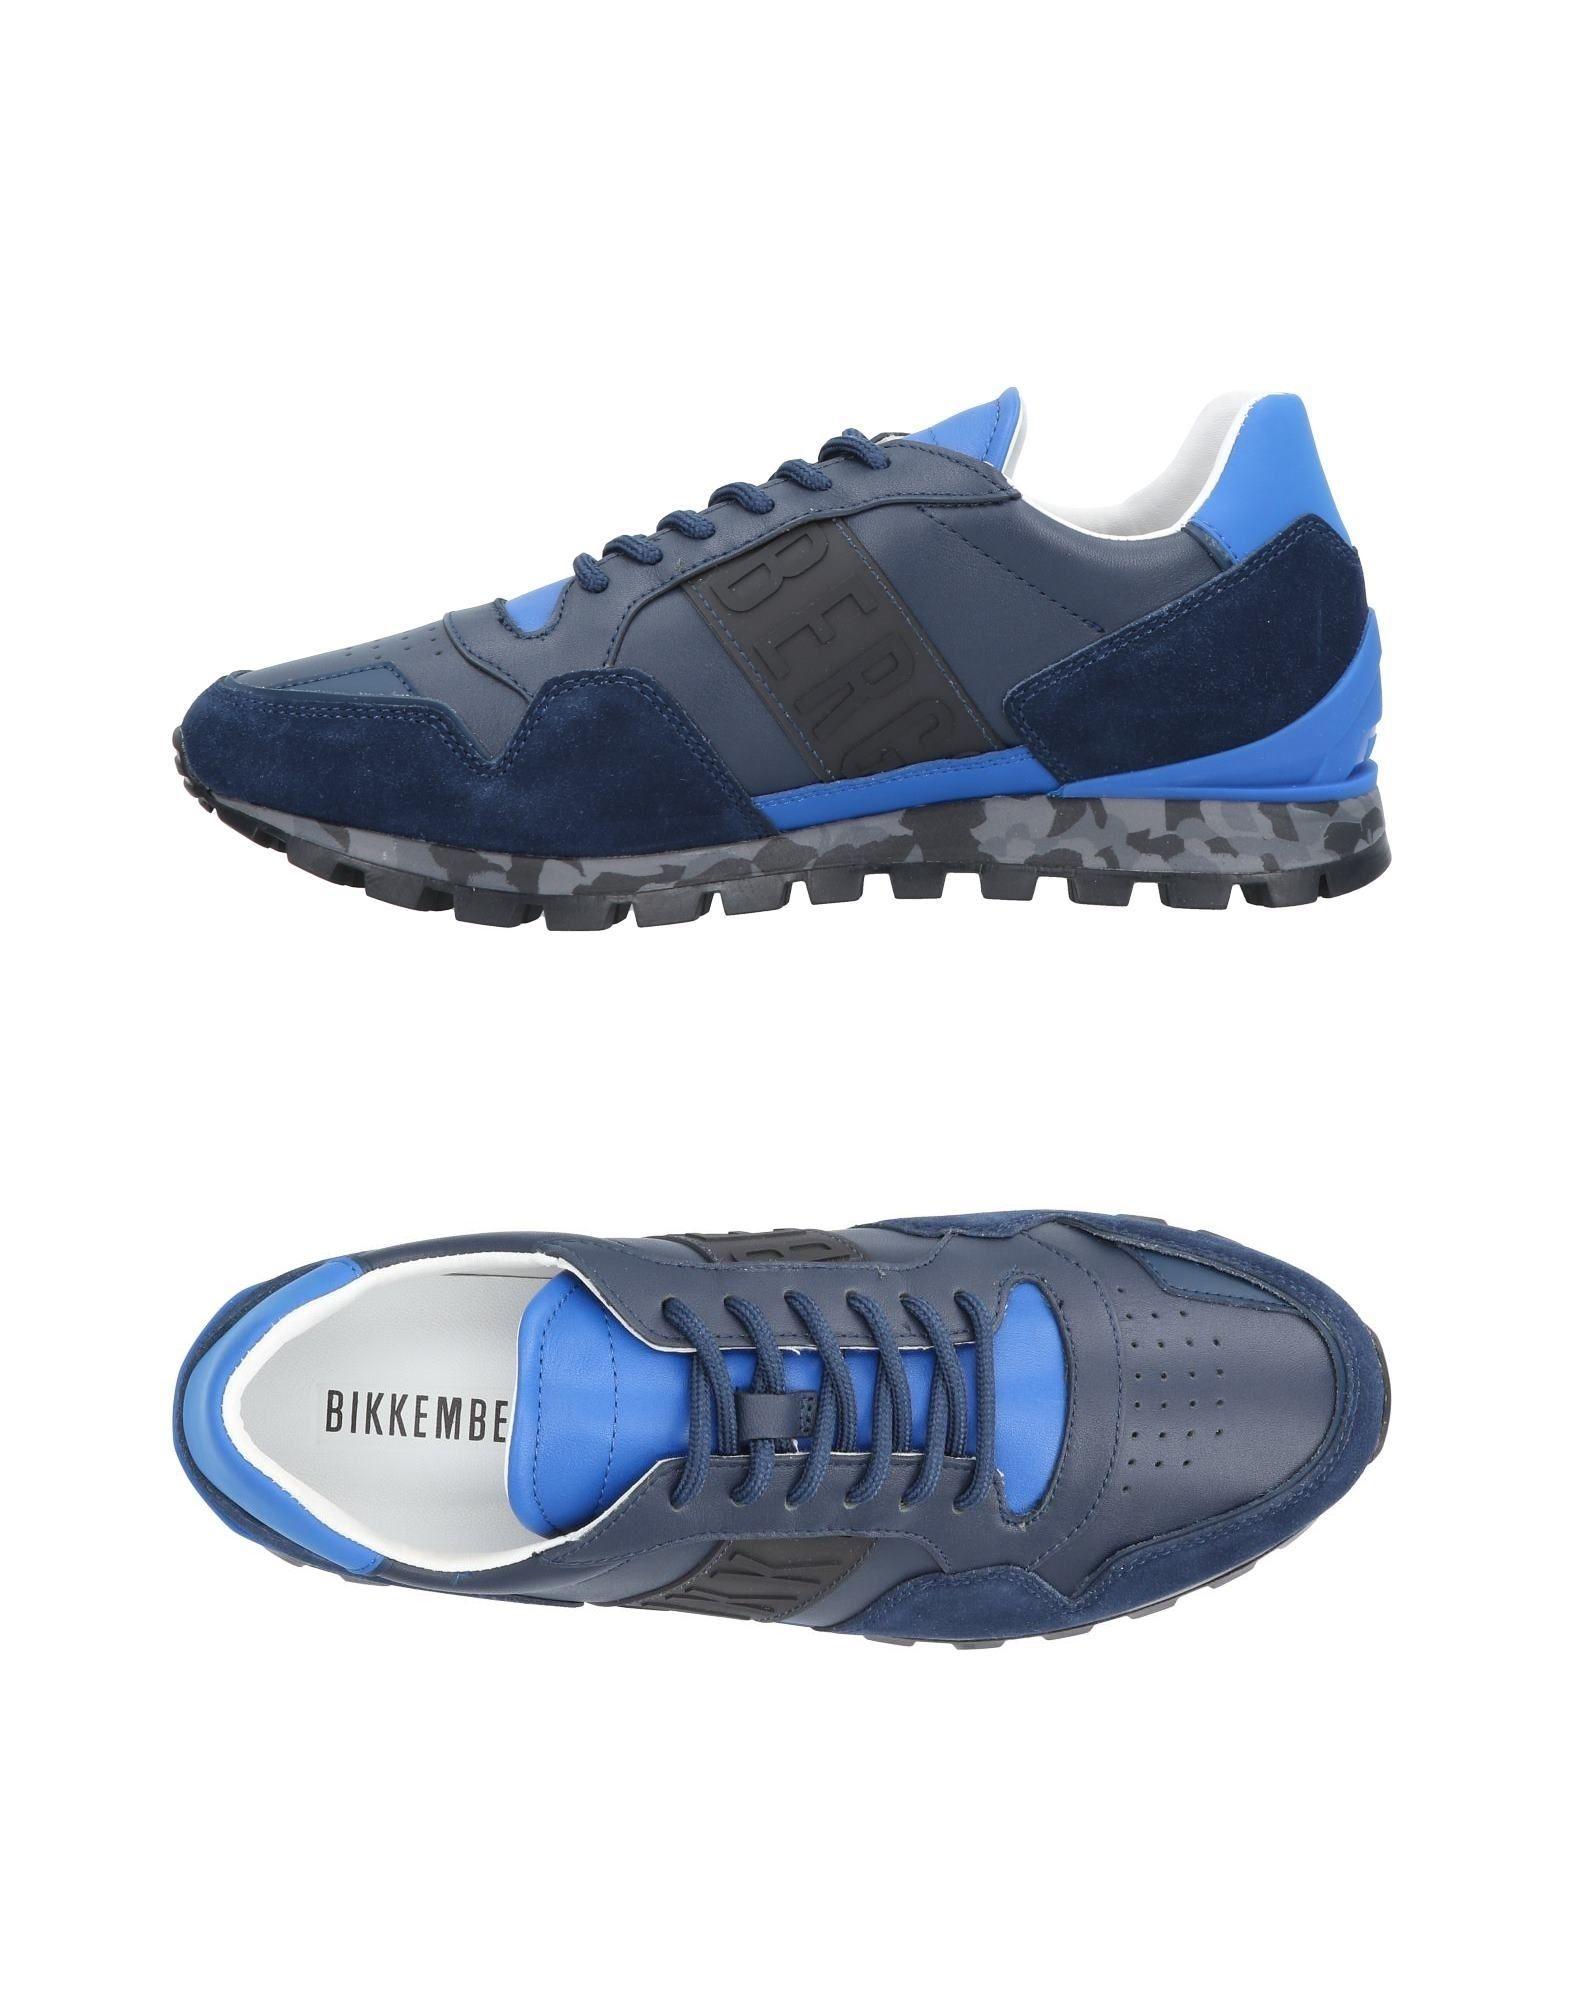 Moda Sneakers Bikkembergs Uomo - 11449896KD